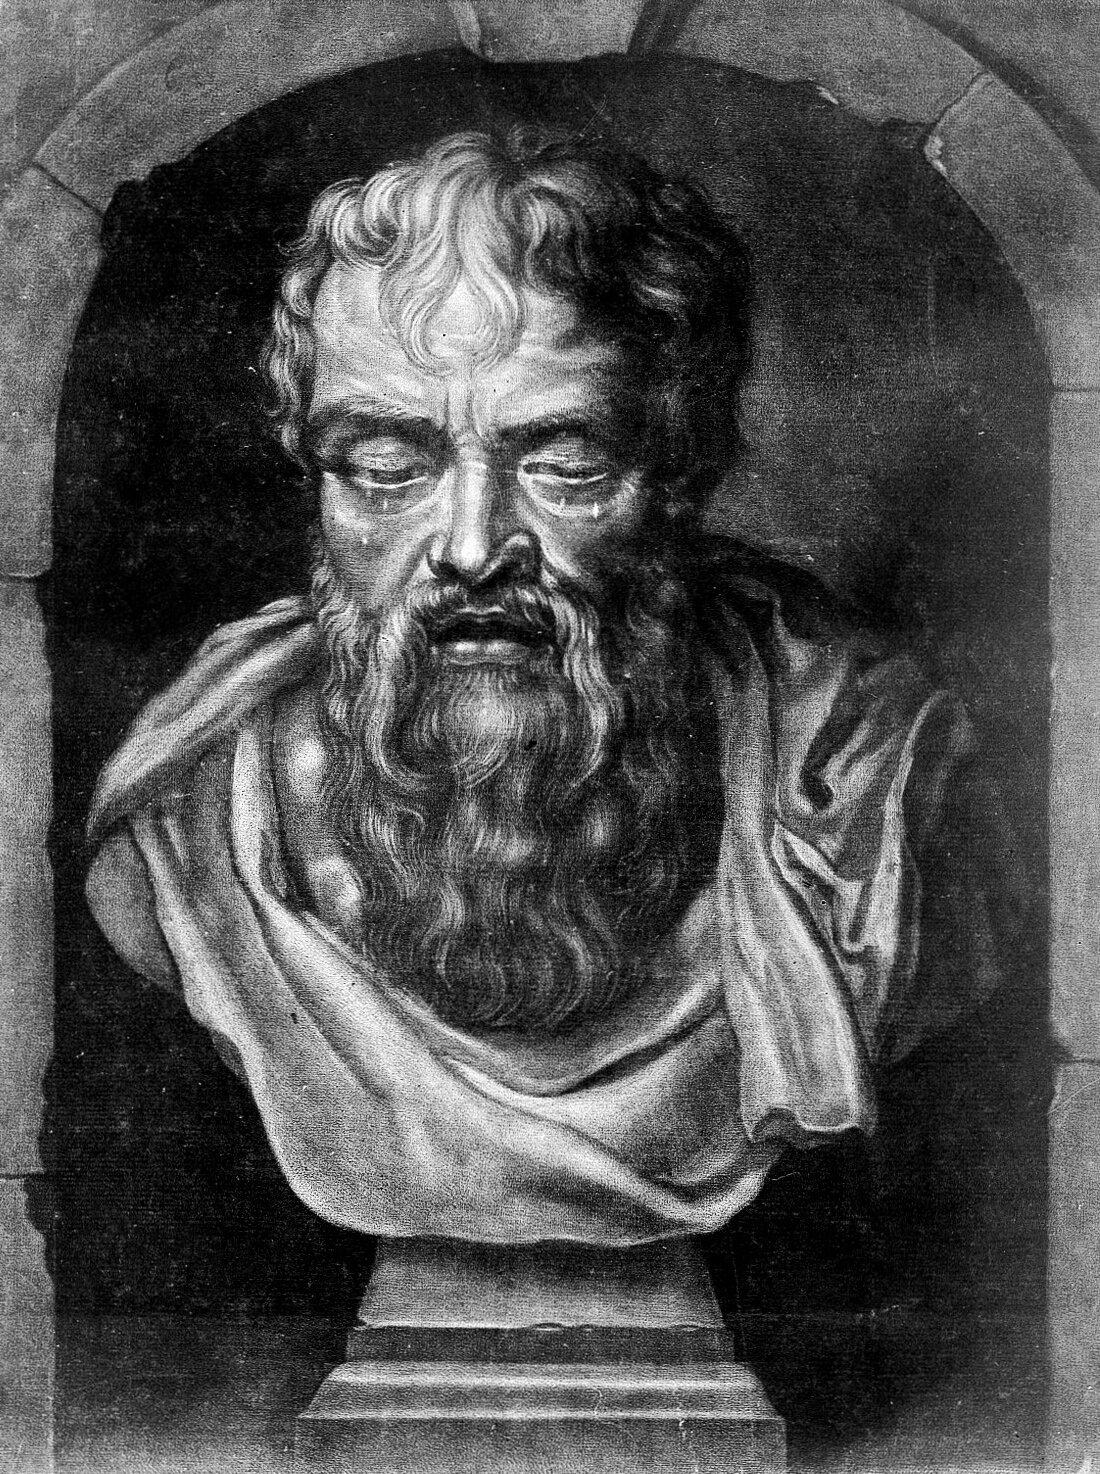 Heraklit zEfezu Źródło: Heraklit zEfezu, Museo Archeologico in Naples, licencja: CC BY 3.0.